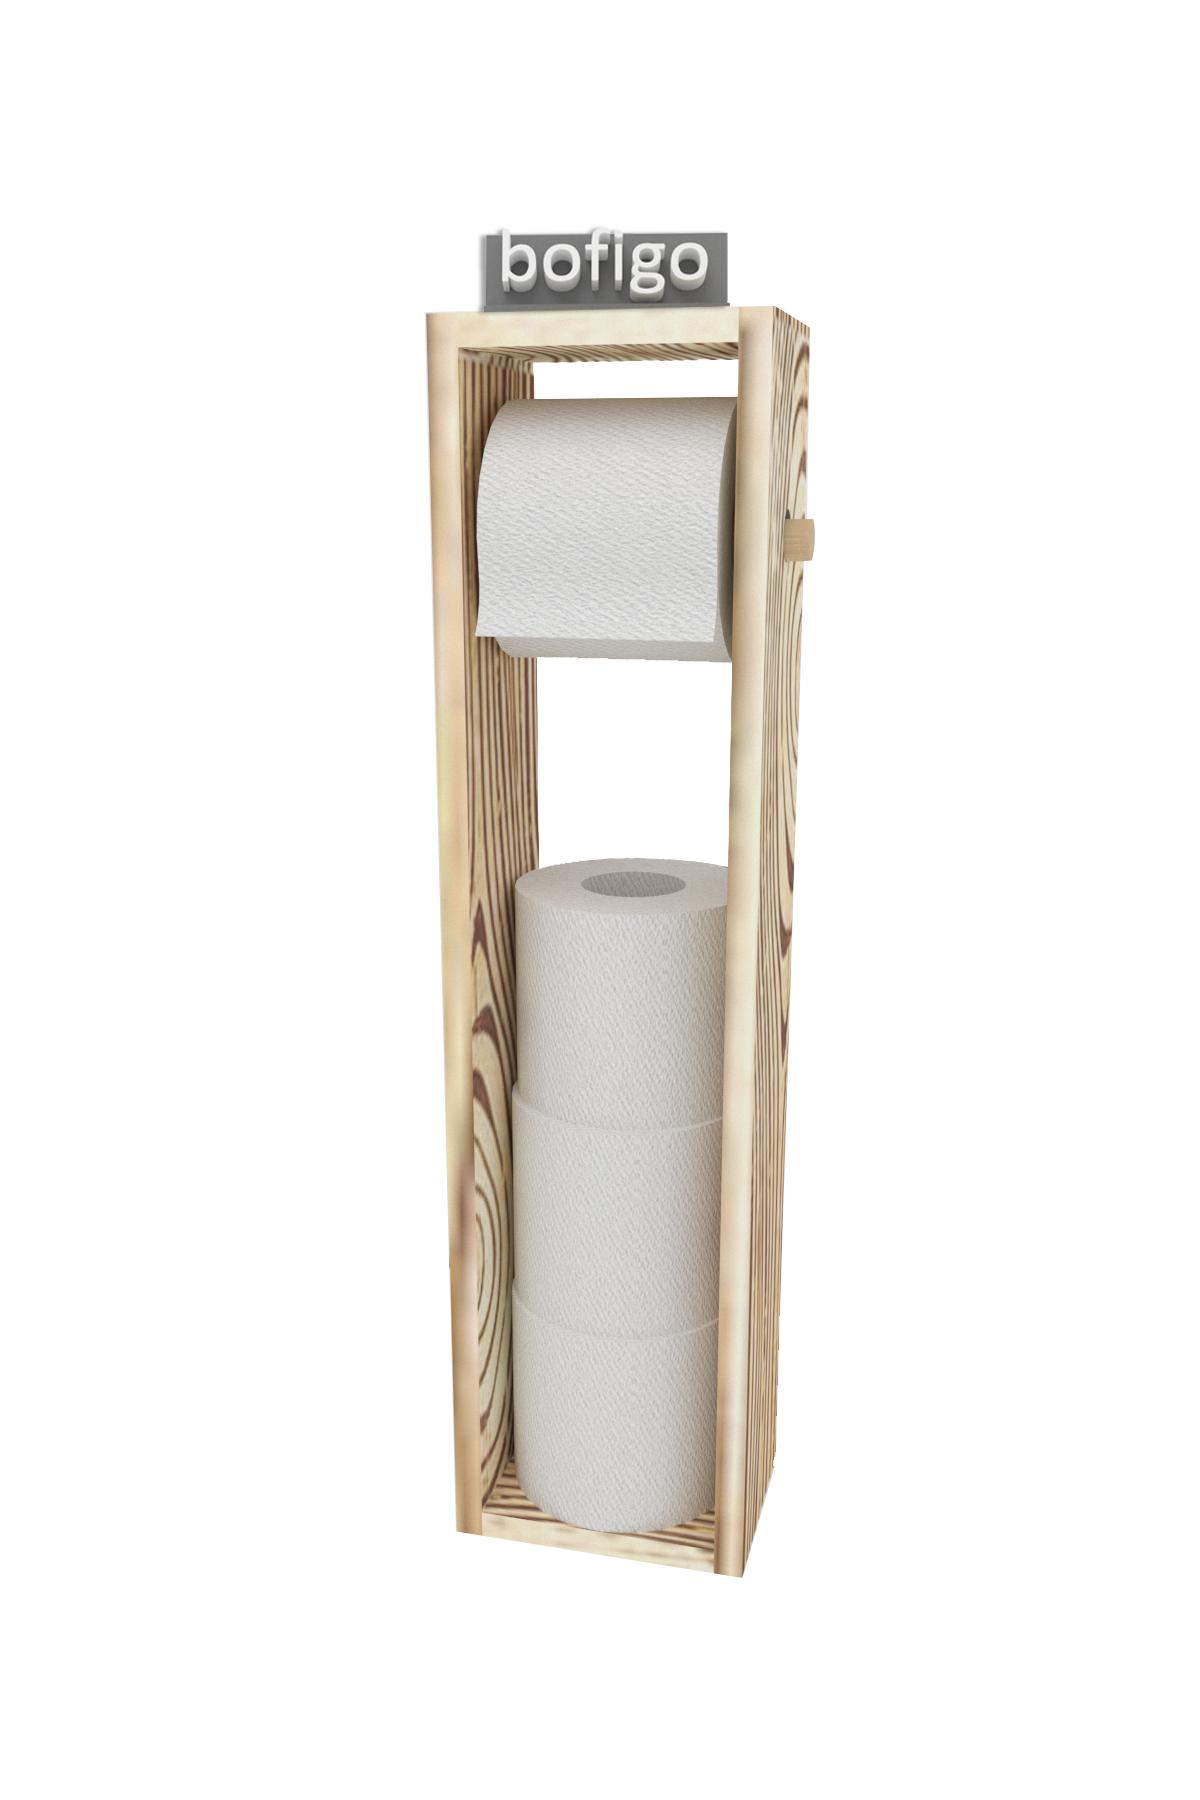 Bofigo Tuvalet Kağıtlığı WC Kağıtlığı Ahşap Tuvalet Kağıtlık